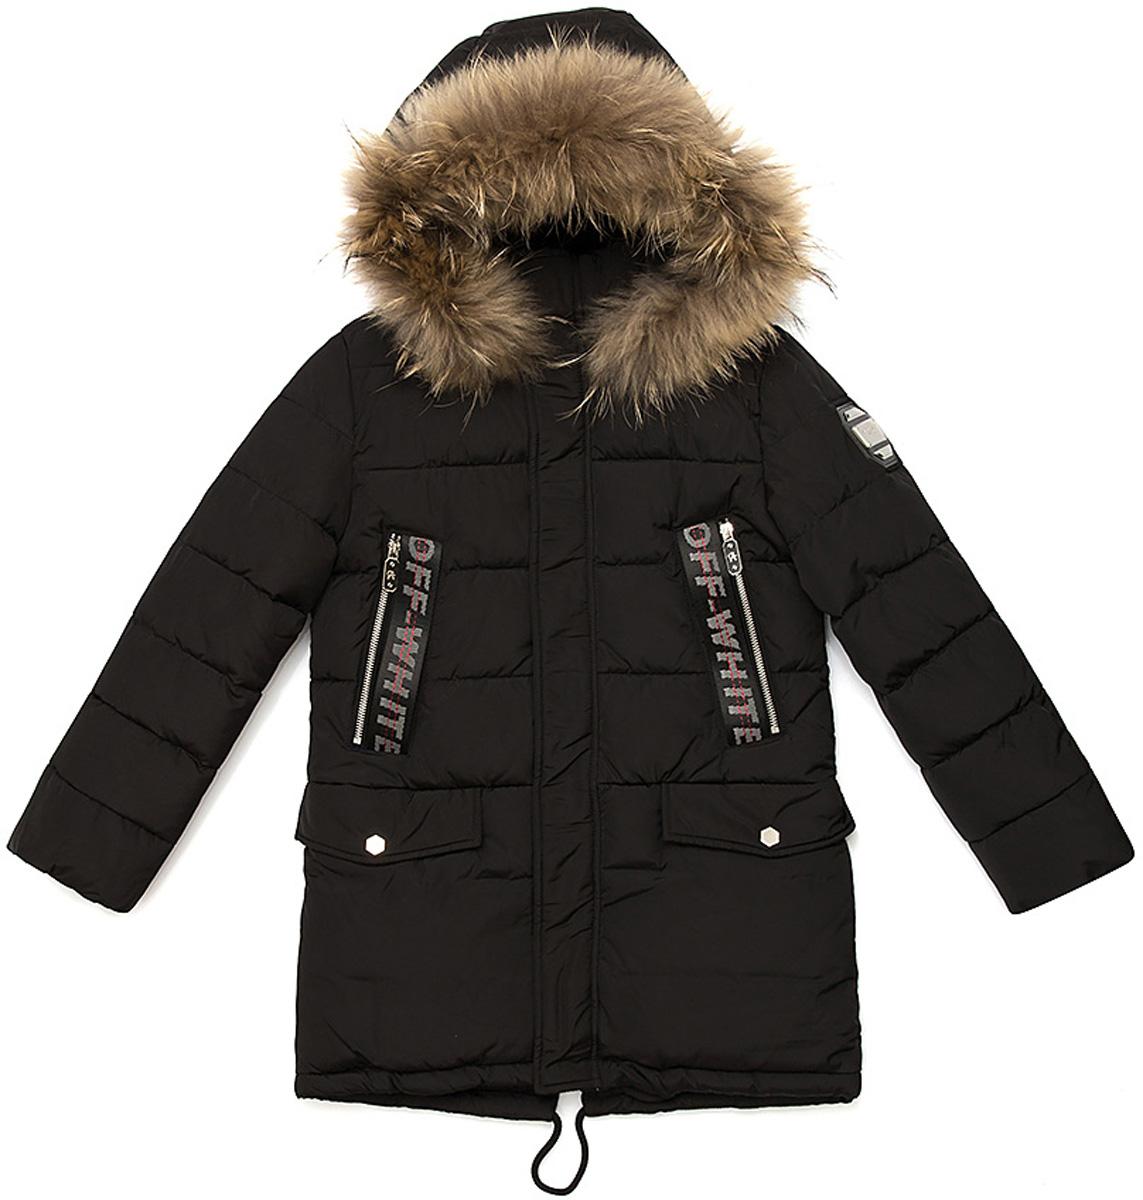 Куртка для мальчика Vitacci, цвет: черный. 1171482-03. Размер 1401171482-03Удлиненная куртка для мальчика Vitacci, изготовленная из полиэстера, станет стильнымдополнением к детскому гардеробу.Подкладка выполнена из полиэстера и дополнительно утеплена флисом по спинке. В качестве наполнителя используется биопух.Куртка имеет внешнюю ветрозащитную планку и съемный капюшон с отделкой из натурального меха. Изделие оформлено декоративными элементами на рукавах и карманах.Температурный режим от -10°С до -25°С.Теплая, удобная и практичная куртка идеально подойдет юному моднику для прогулок!